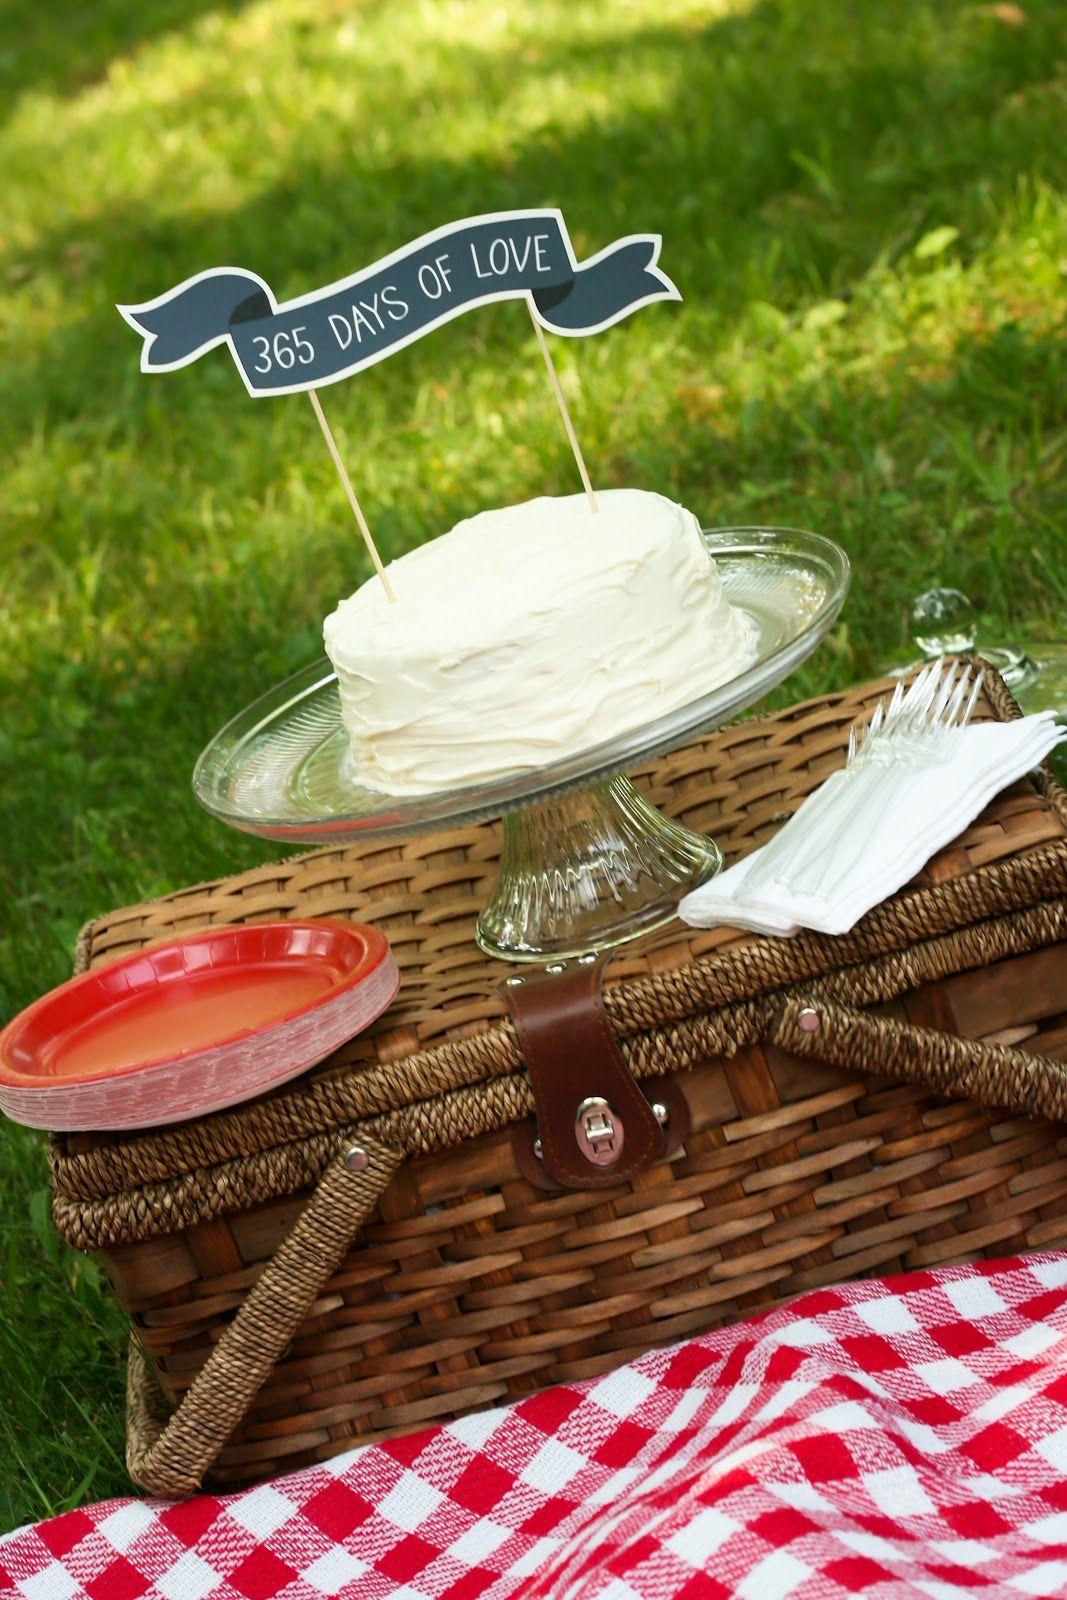 Anniversary picnic ideas